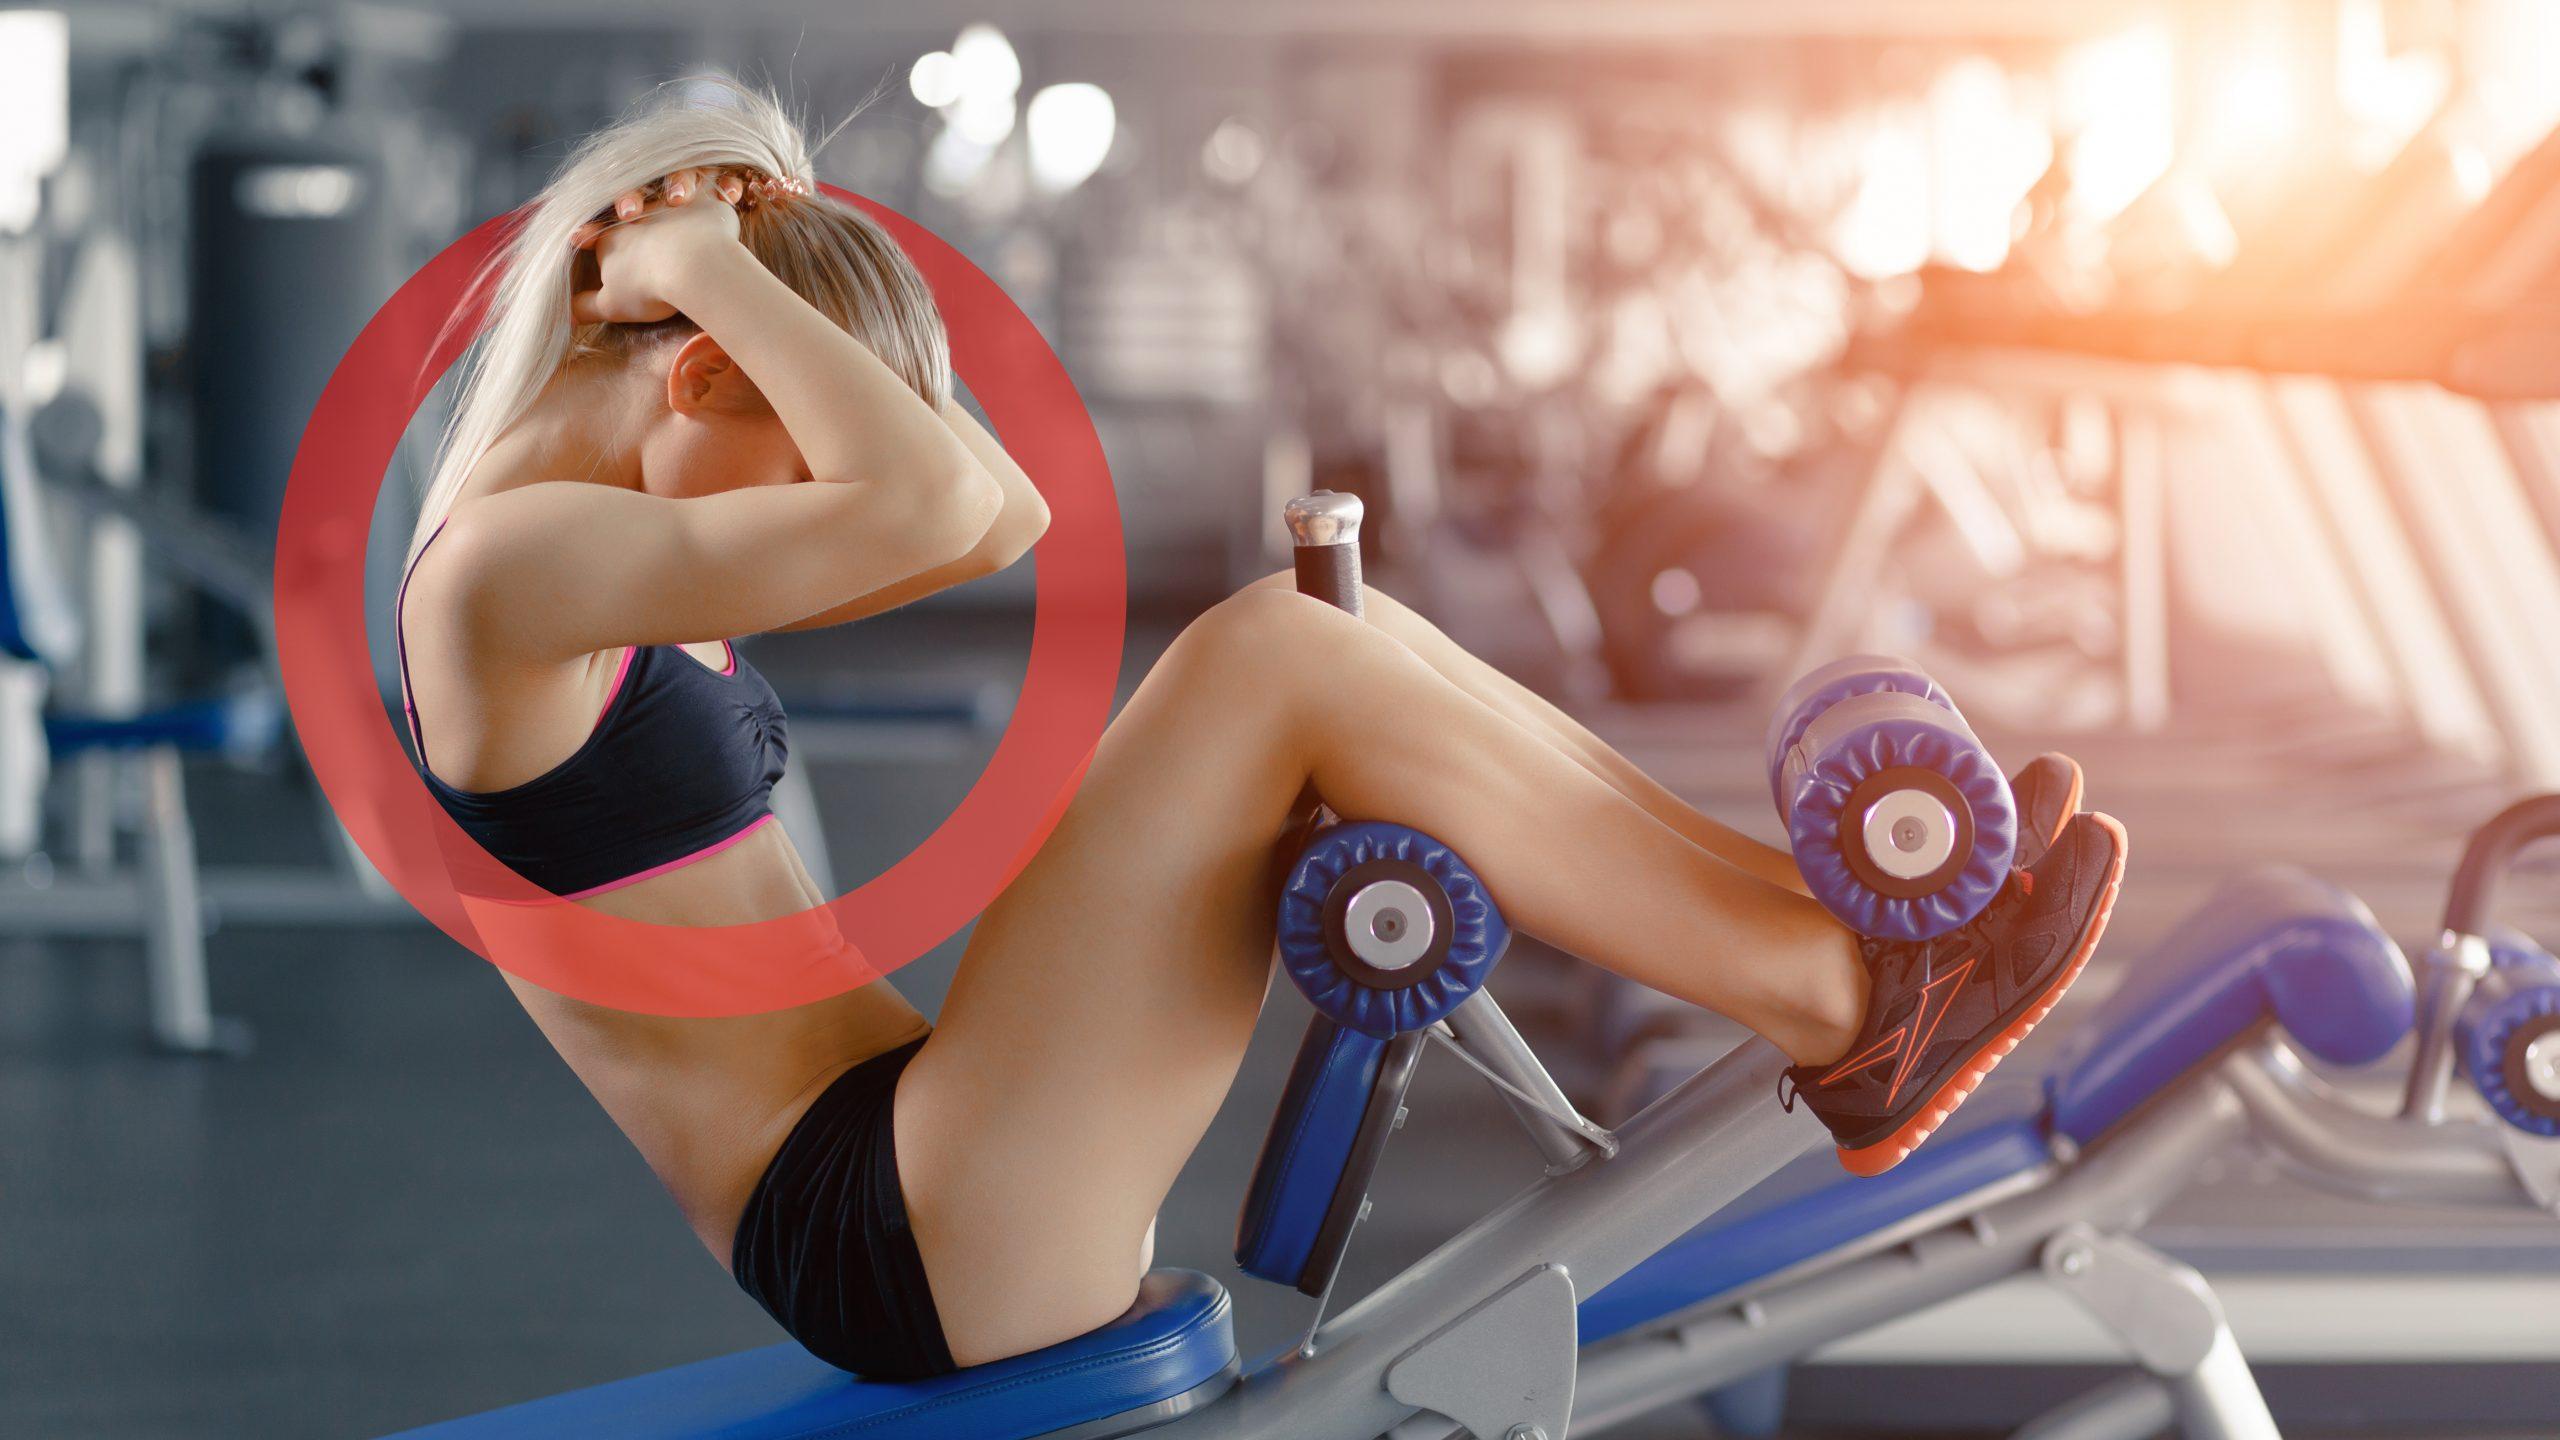 donna che fa esercizio in palestra. Come decoro, elemento grafico Studio Benessere360